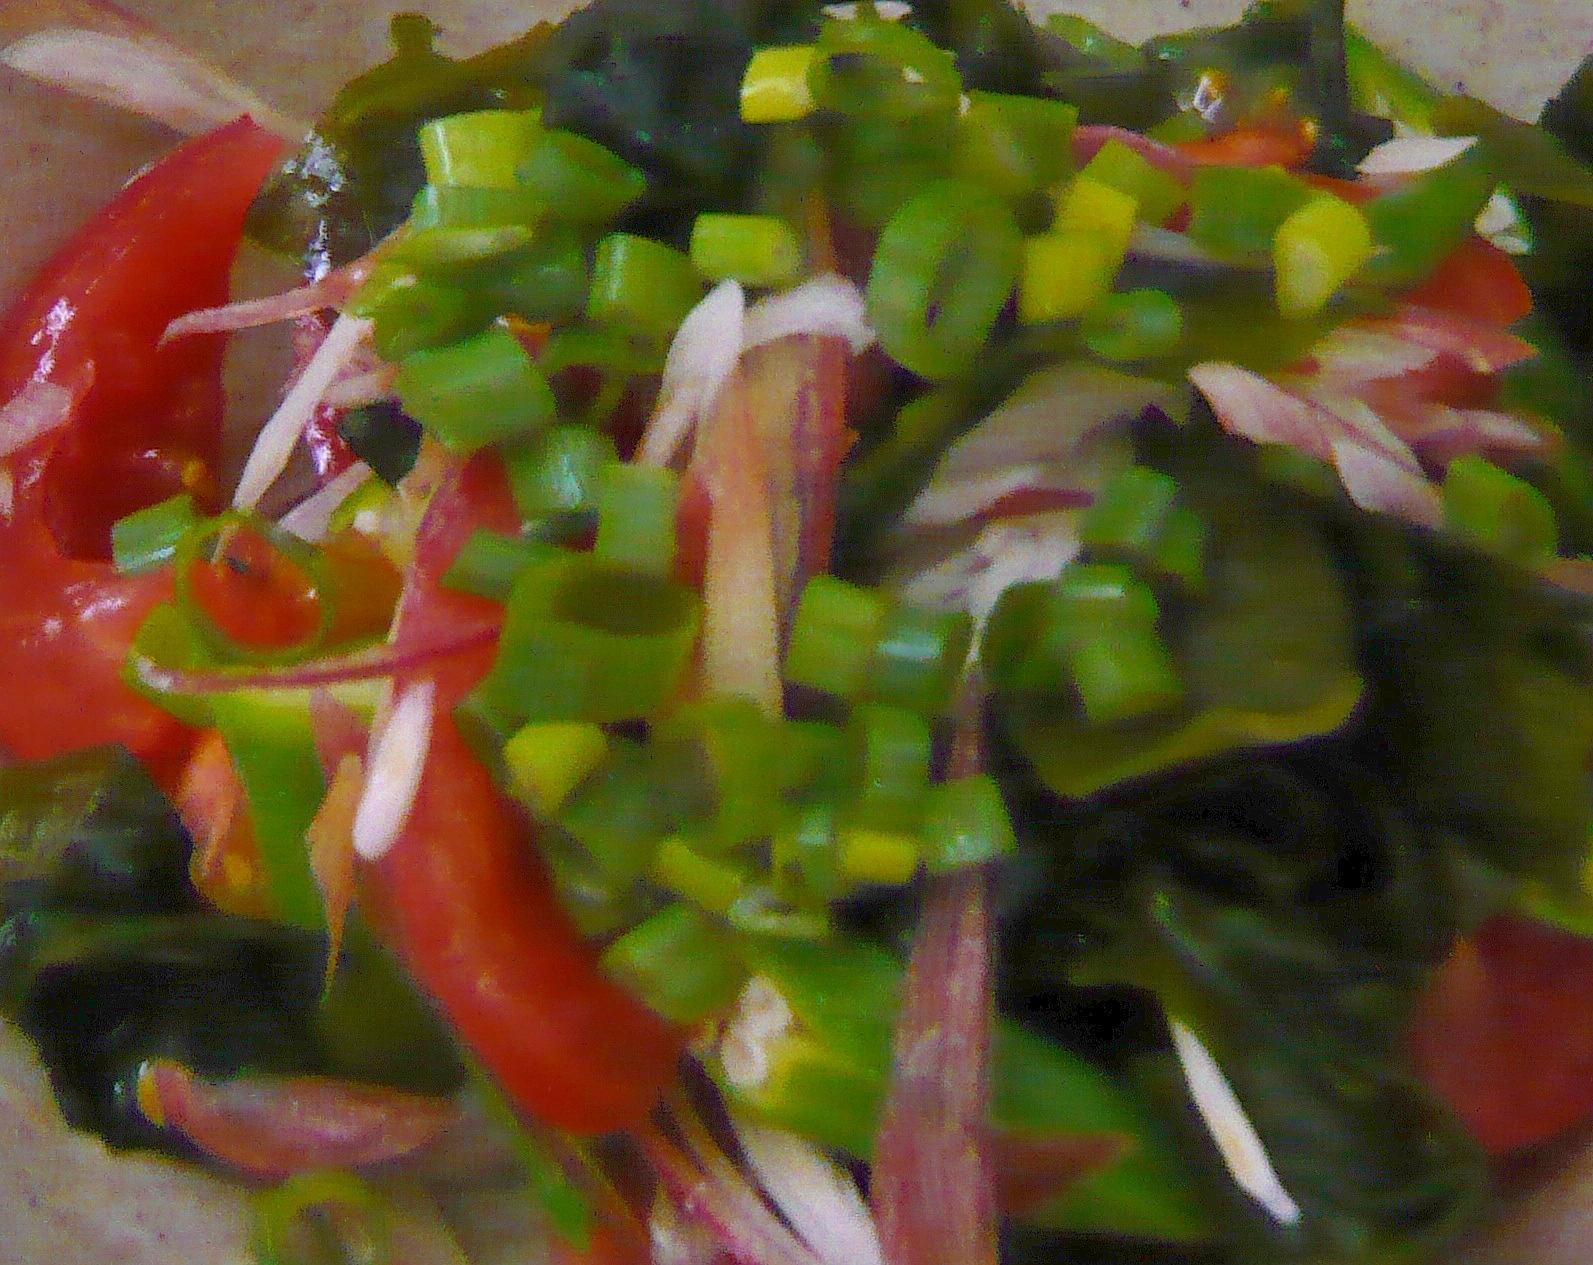 薬味たっぷり!トマトとわかめのサラダ